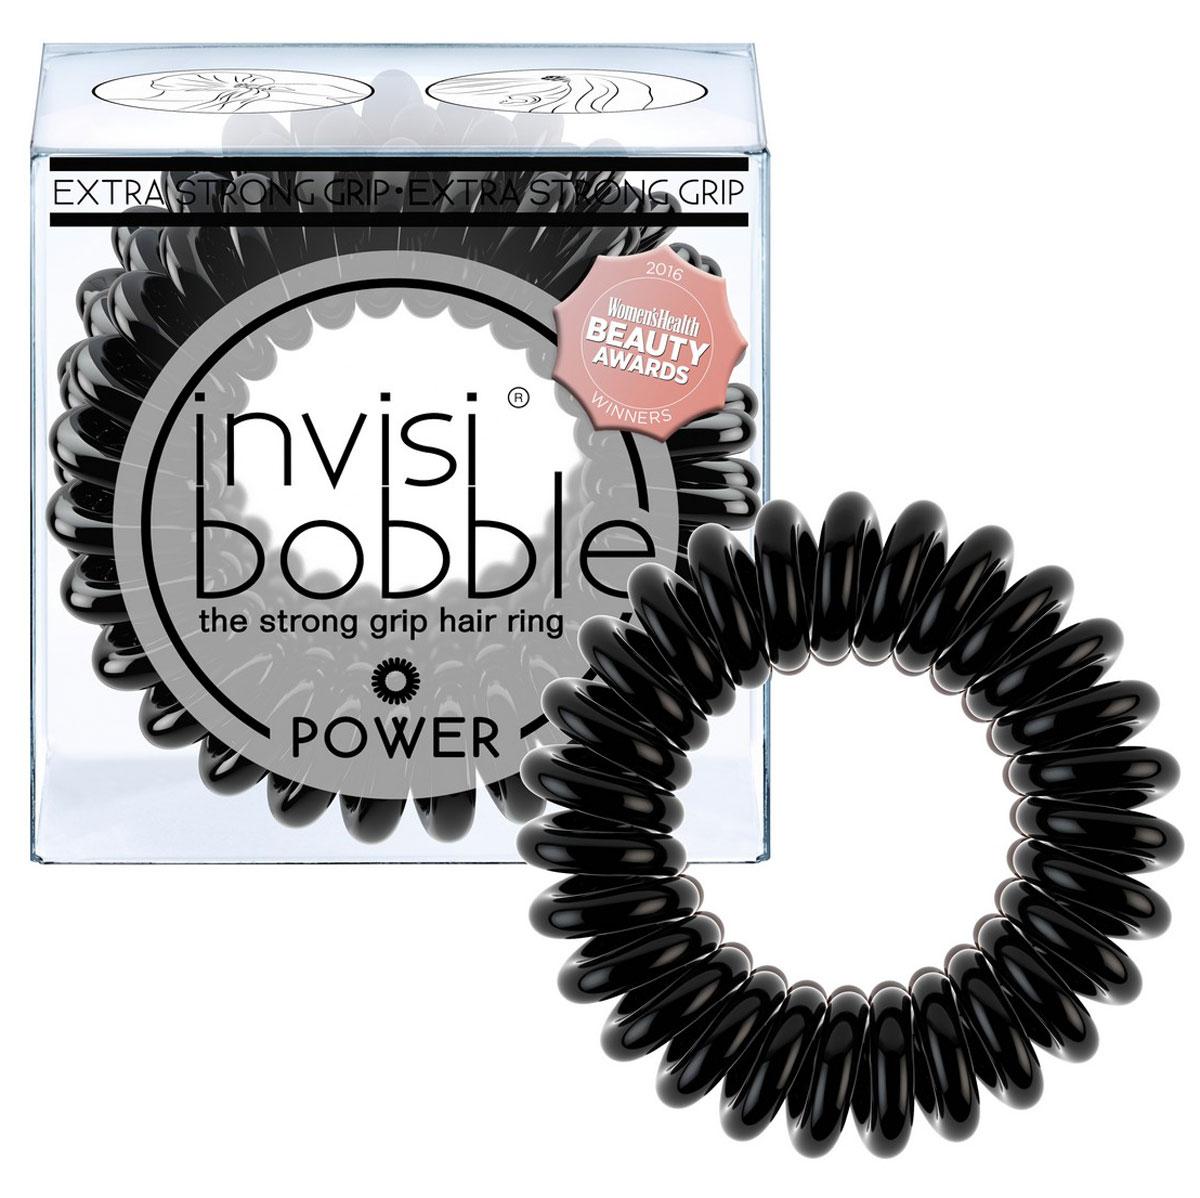 Invisibobble Резинка-браслет для волос Power True Black, 3 штСерьги с подвескамиОттенок invisibobble true black из коллекции POWER для всех, кто придерживается классического стиля! Коллекция invisibobble POWER создана для всех, кто ведет активный образ жизни! Резинки-браслеты invisibobble POWER немного больше в размере, чем invisibobble ORIGINAL, а также имеют более плотные витки. Это позволяет плотно фиксировать волосы во время занятий спортом и активного отдыха. invisibobble POWER также идеальны для густых волос. Резинки-браслеты invisibobble подходят для всех типов волос, надежно фиксируют причёску, не оставляют заломов и не вызывают головную боль благодаря неравномерному распределению давления на волосы. Кроме того, они не намокают и не вызывают аллергию при контакте с кожей, поскольку изготовлены из искусственной смолы. C резинками invisibobble можно легко создавать разные прически. Резинки прочно держат волосы любой длины, при этом не стягивая их слишком туго. «Телефонный провод» позволяет с легкостью и без вреда для волос протягивать пряди под спираль и ослаблять уже закрепленные для придания объема прическе. Увеличенный размер и более плотные витки invisibobble POWER позволяют прочно закрепить причёску во время занятий спортом, а также идеально подходят для объёмных и густых волос.Не комедогенна.